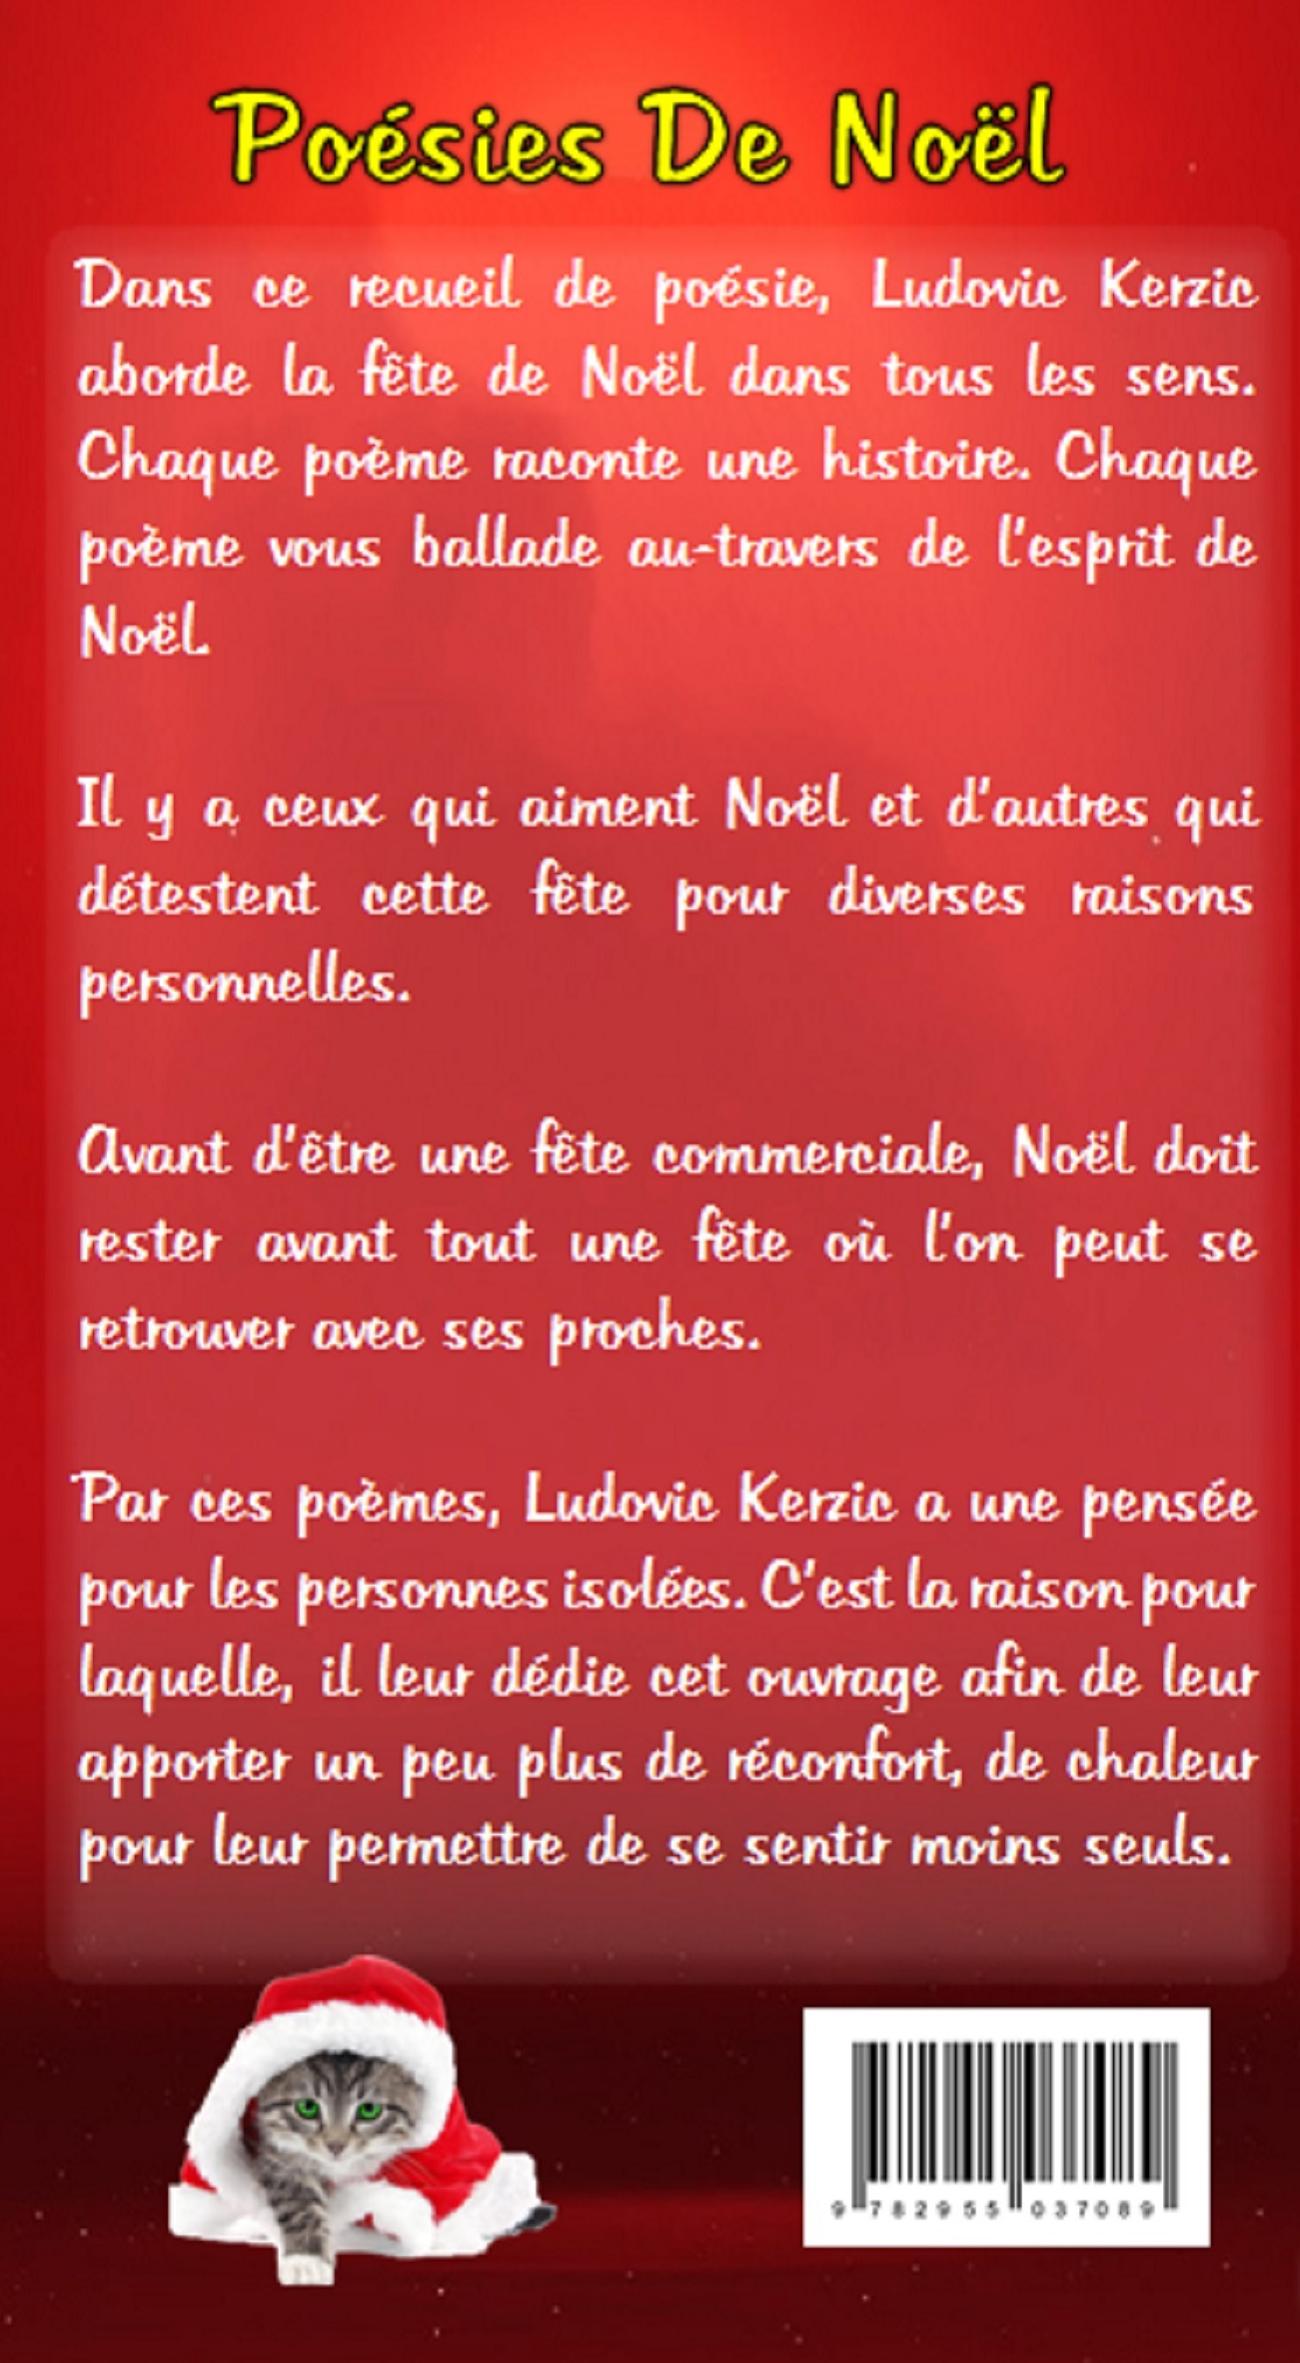 Poésies De Noël Ludovic